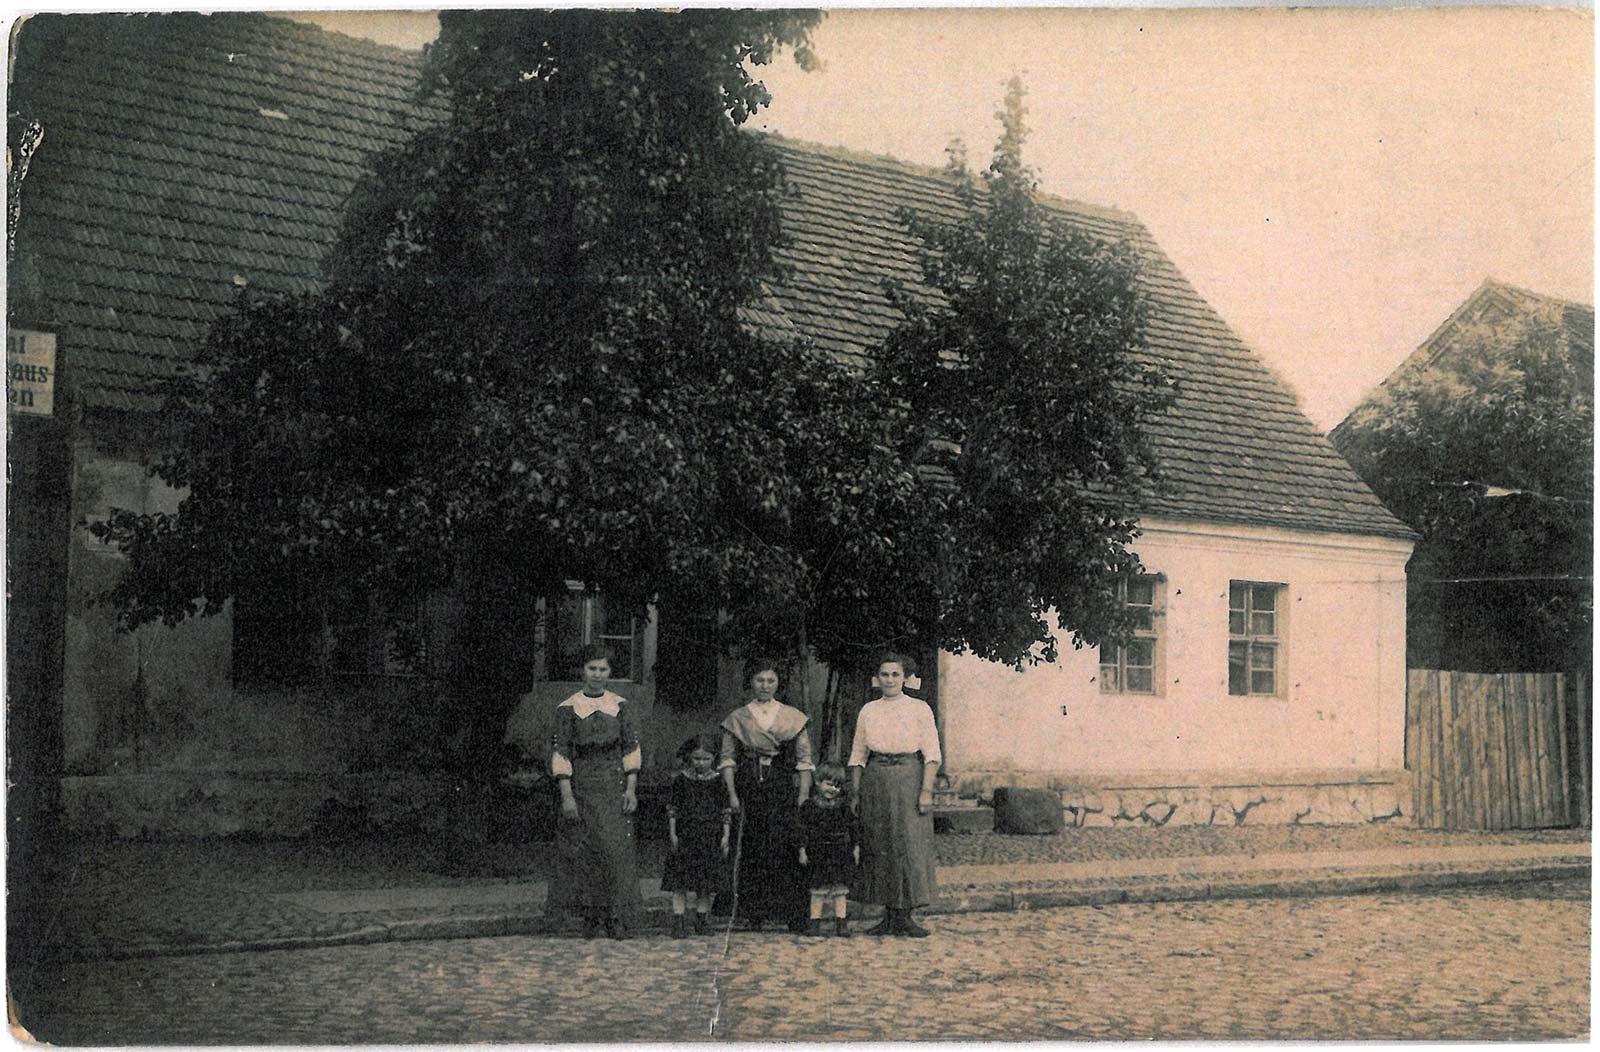 Plac Powstańców Wielkopolskich - Kórnik